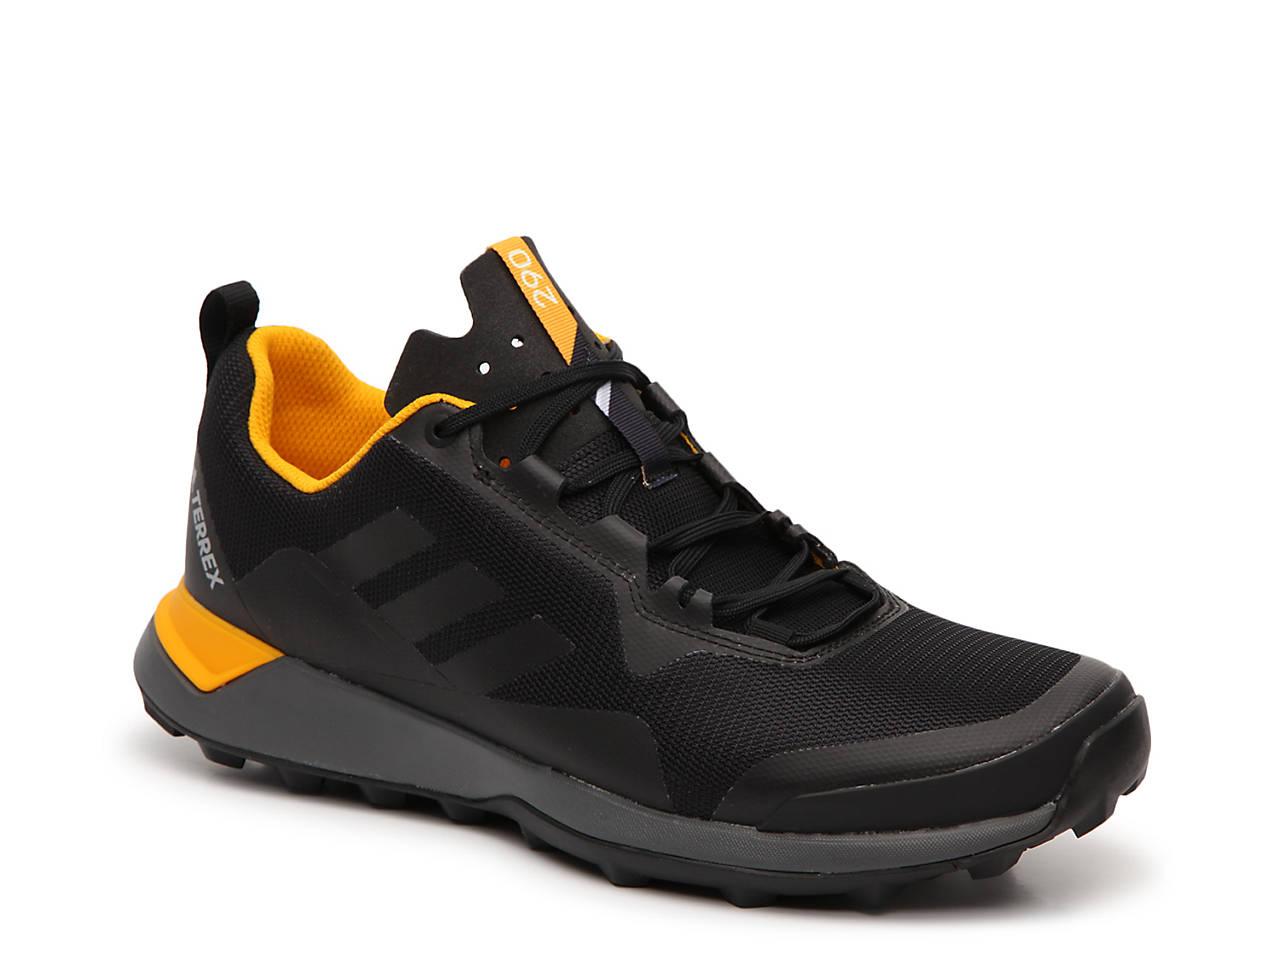 917699e03037 adidas Terrex CMTK 290 Trail Shoe Men s Shoes